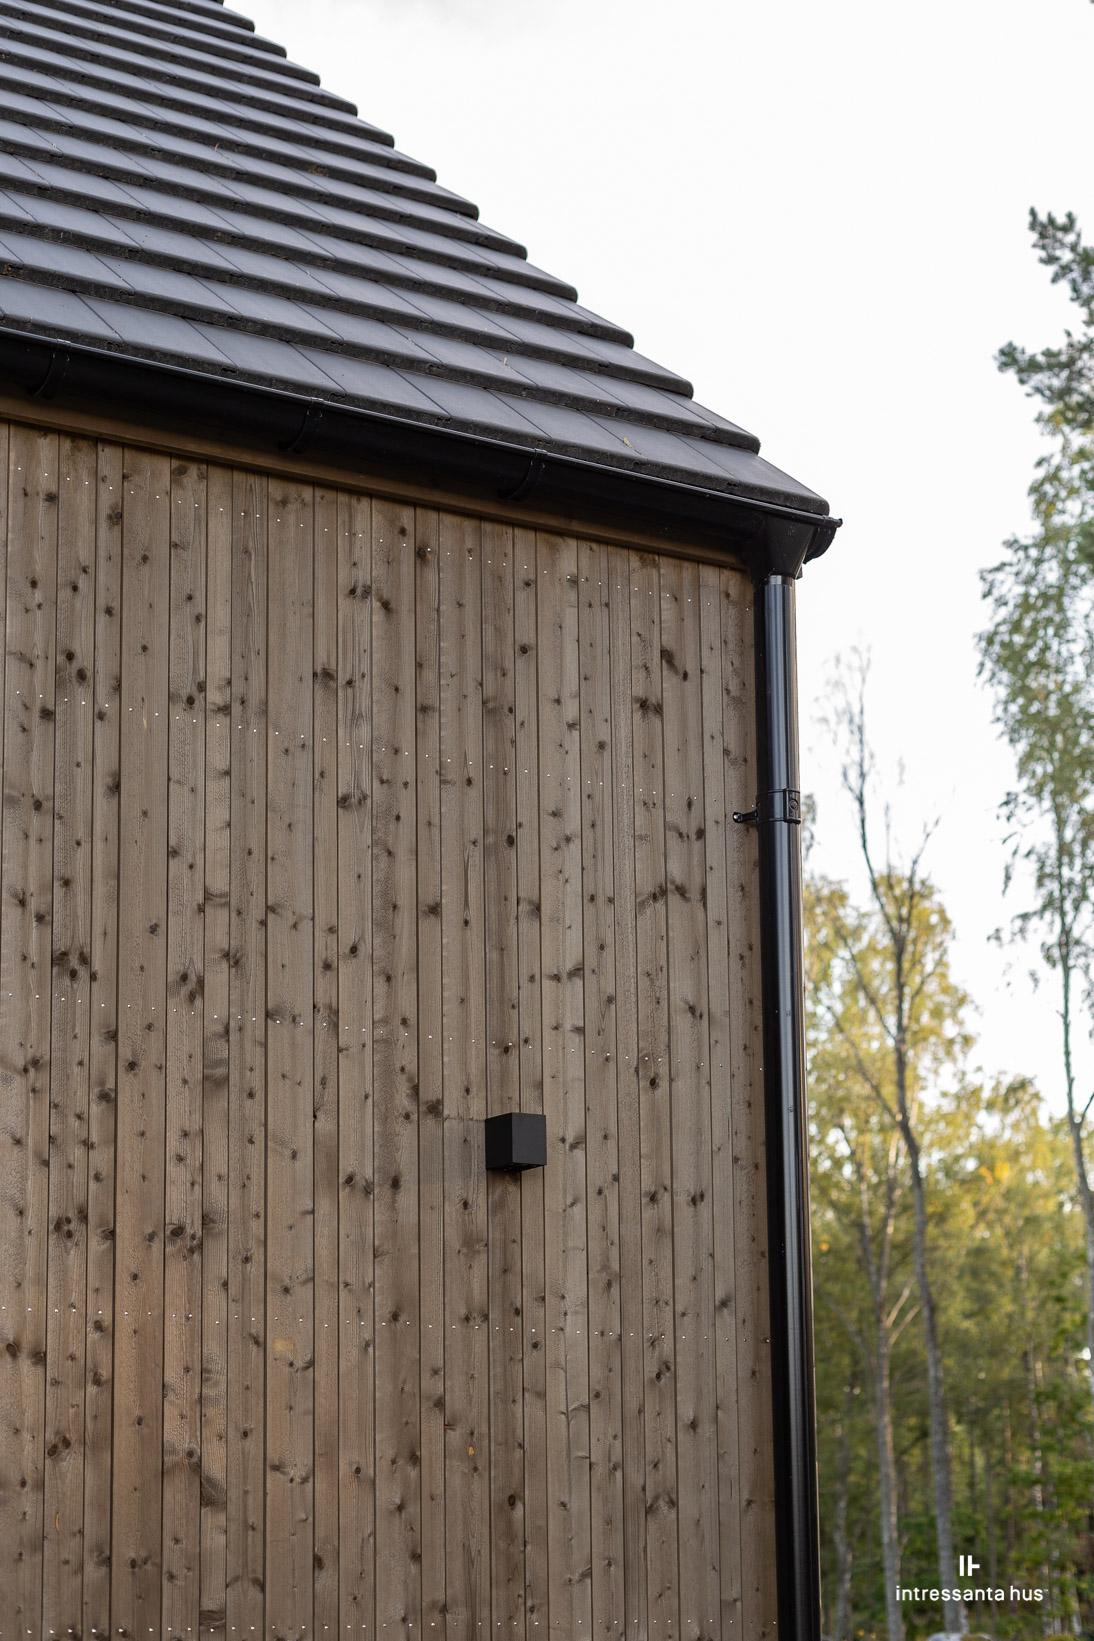 intressantahus-ringqvist-005-1